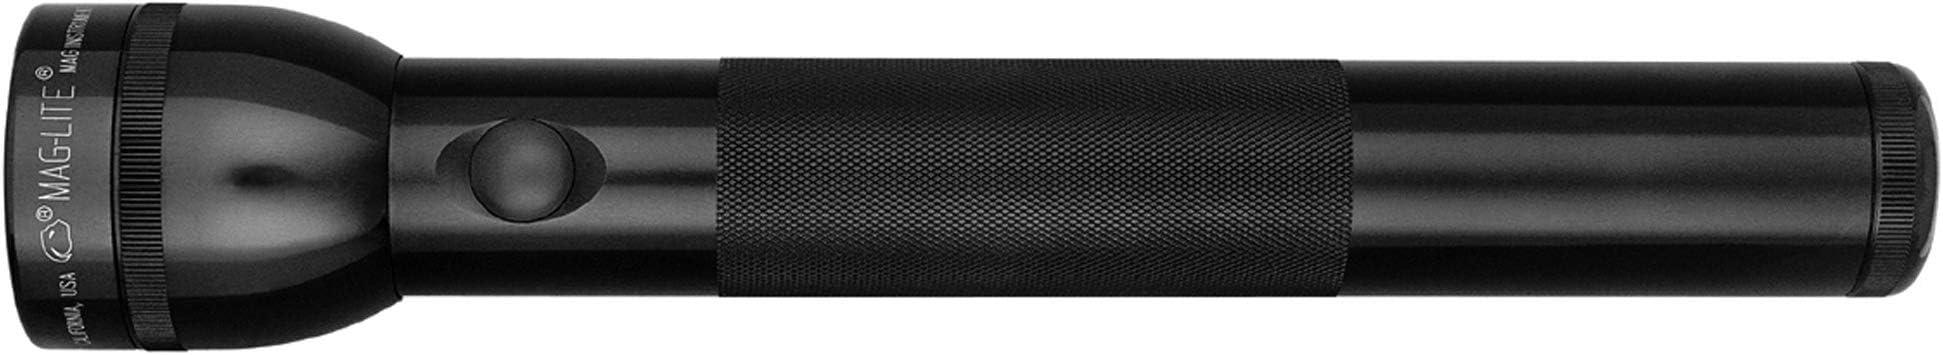 in Sichtbox MagLite Hochleistungs-Gl/ühlampe S3D986 2 Zellen